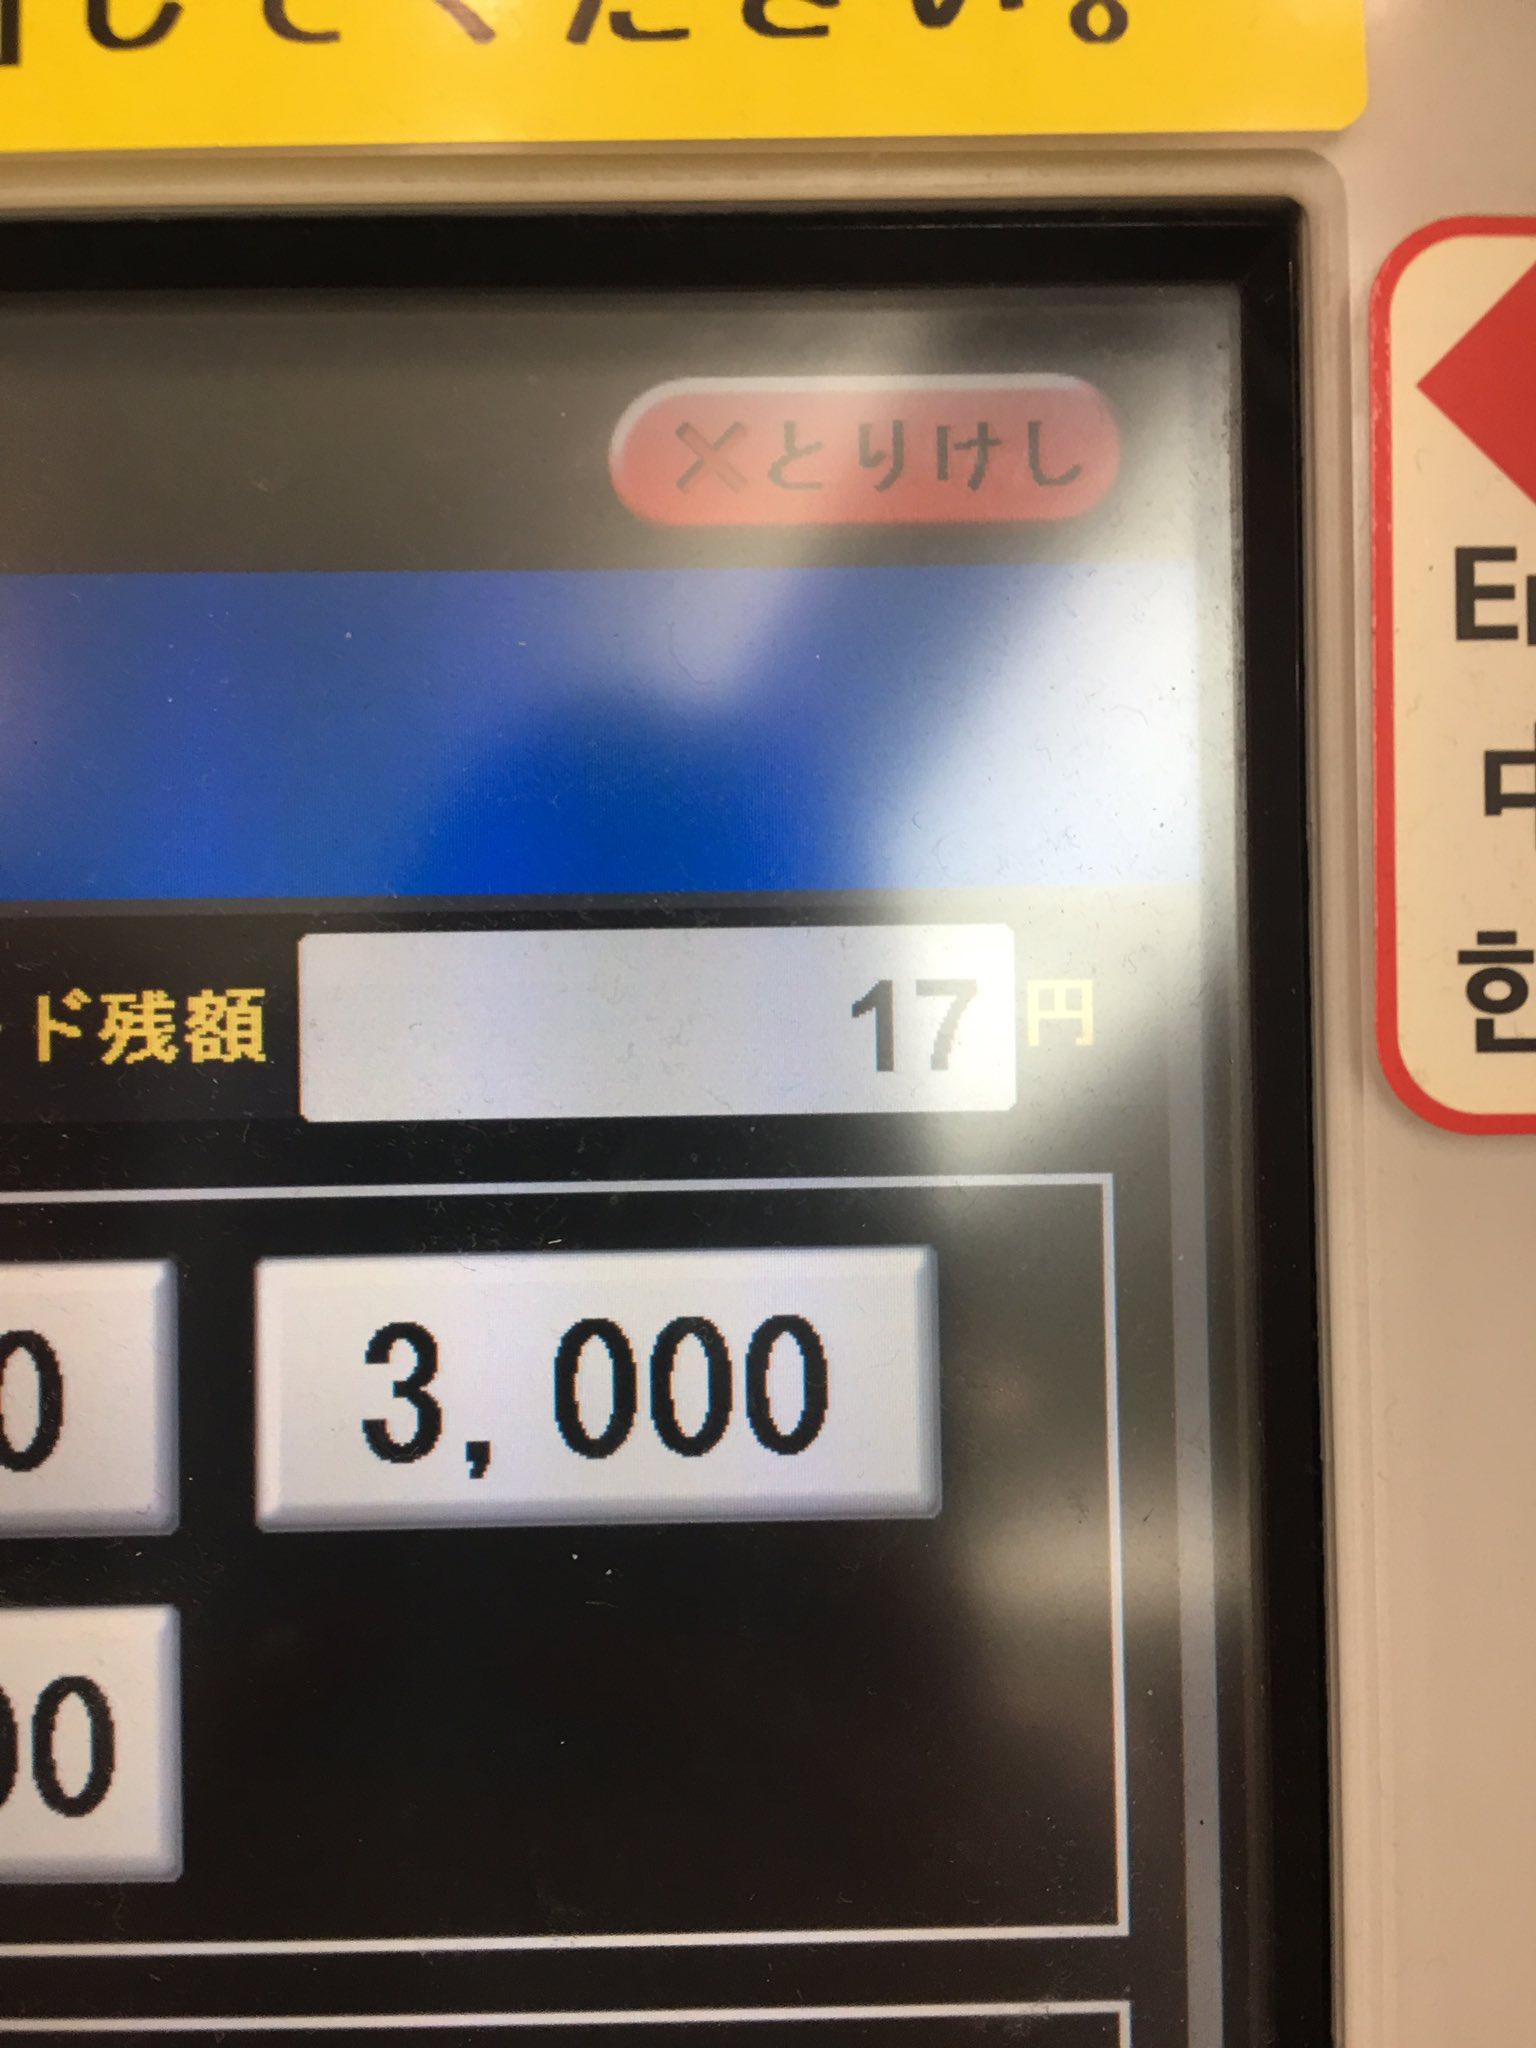 딸의 교통카드 잔액이 17엔 남은 것을 보고 기뻐한 17세..